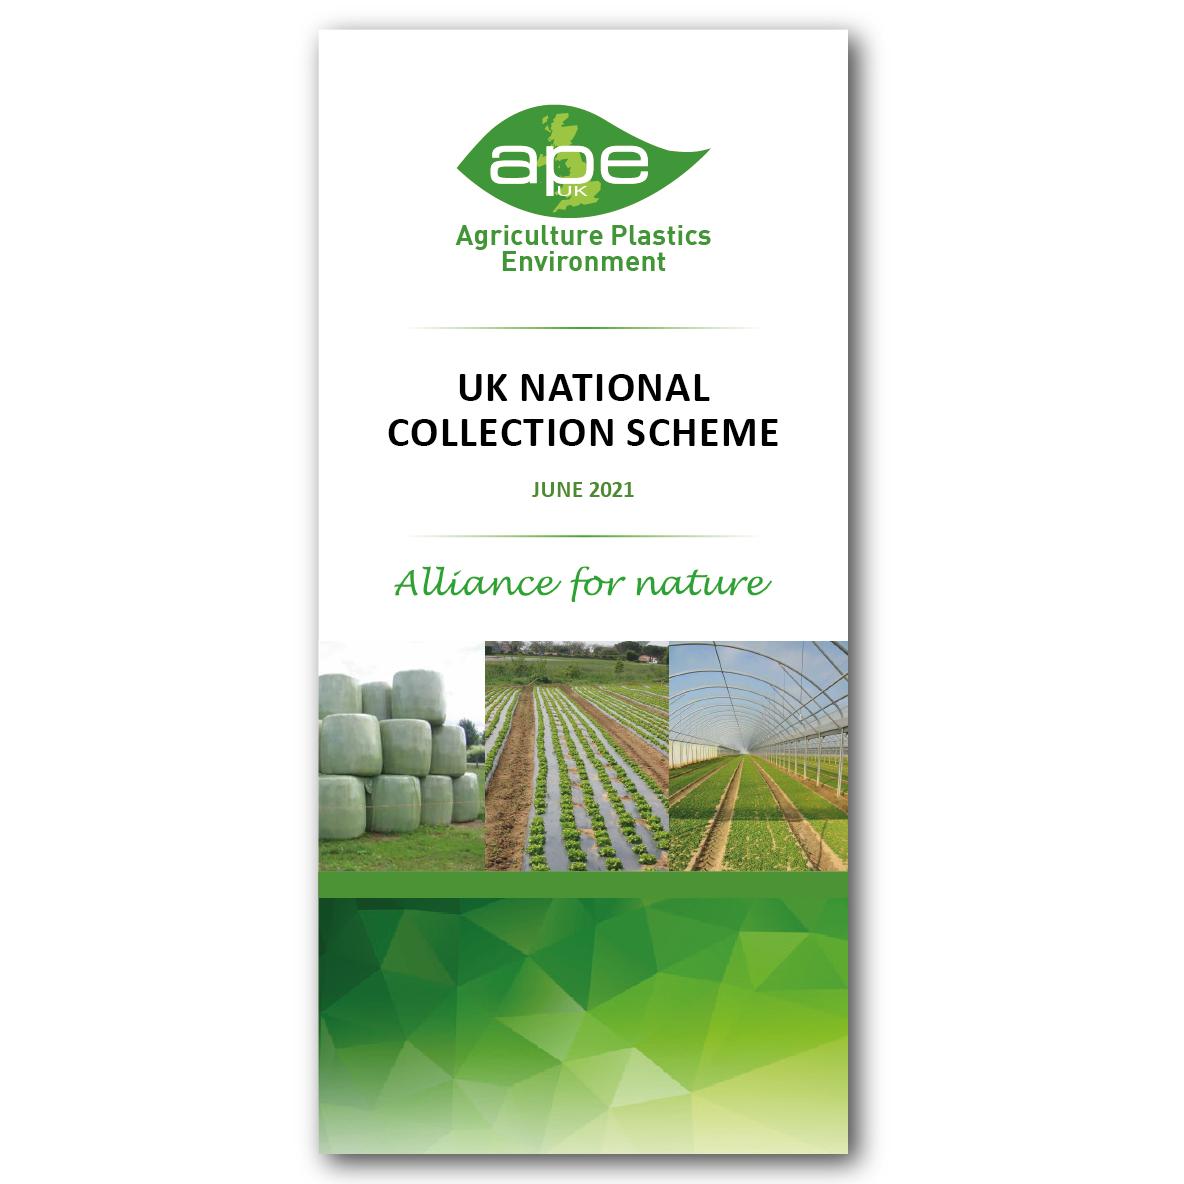 Agriculture Plastics Environment - APE